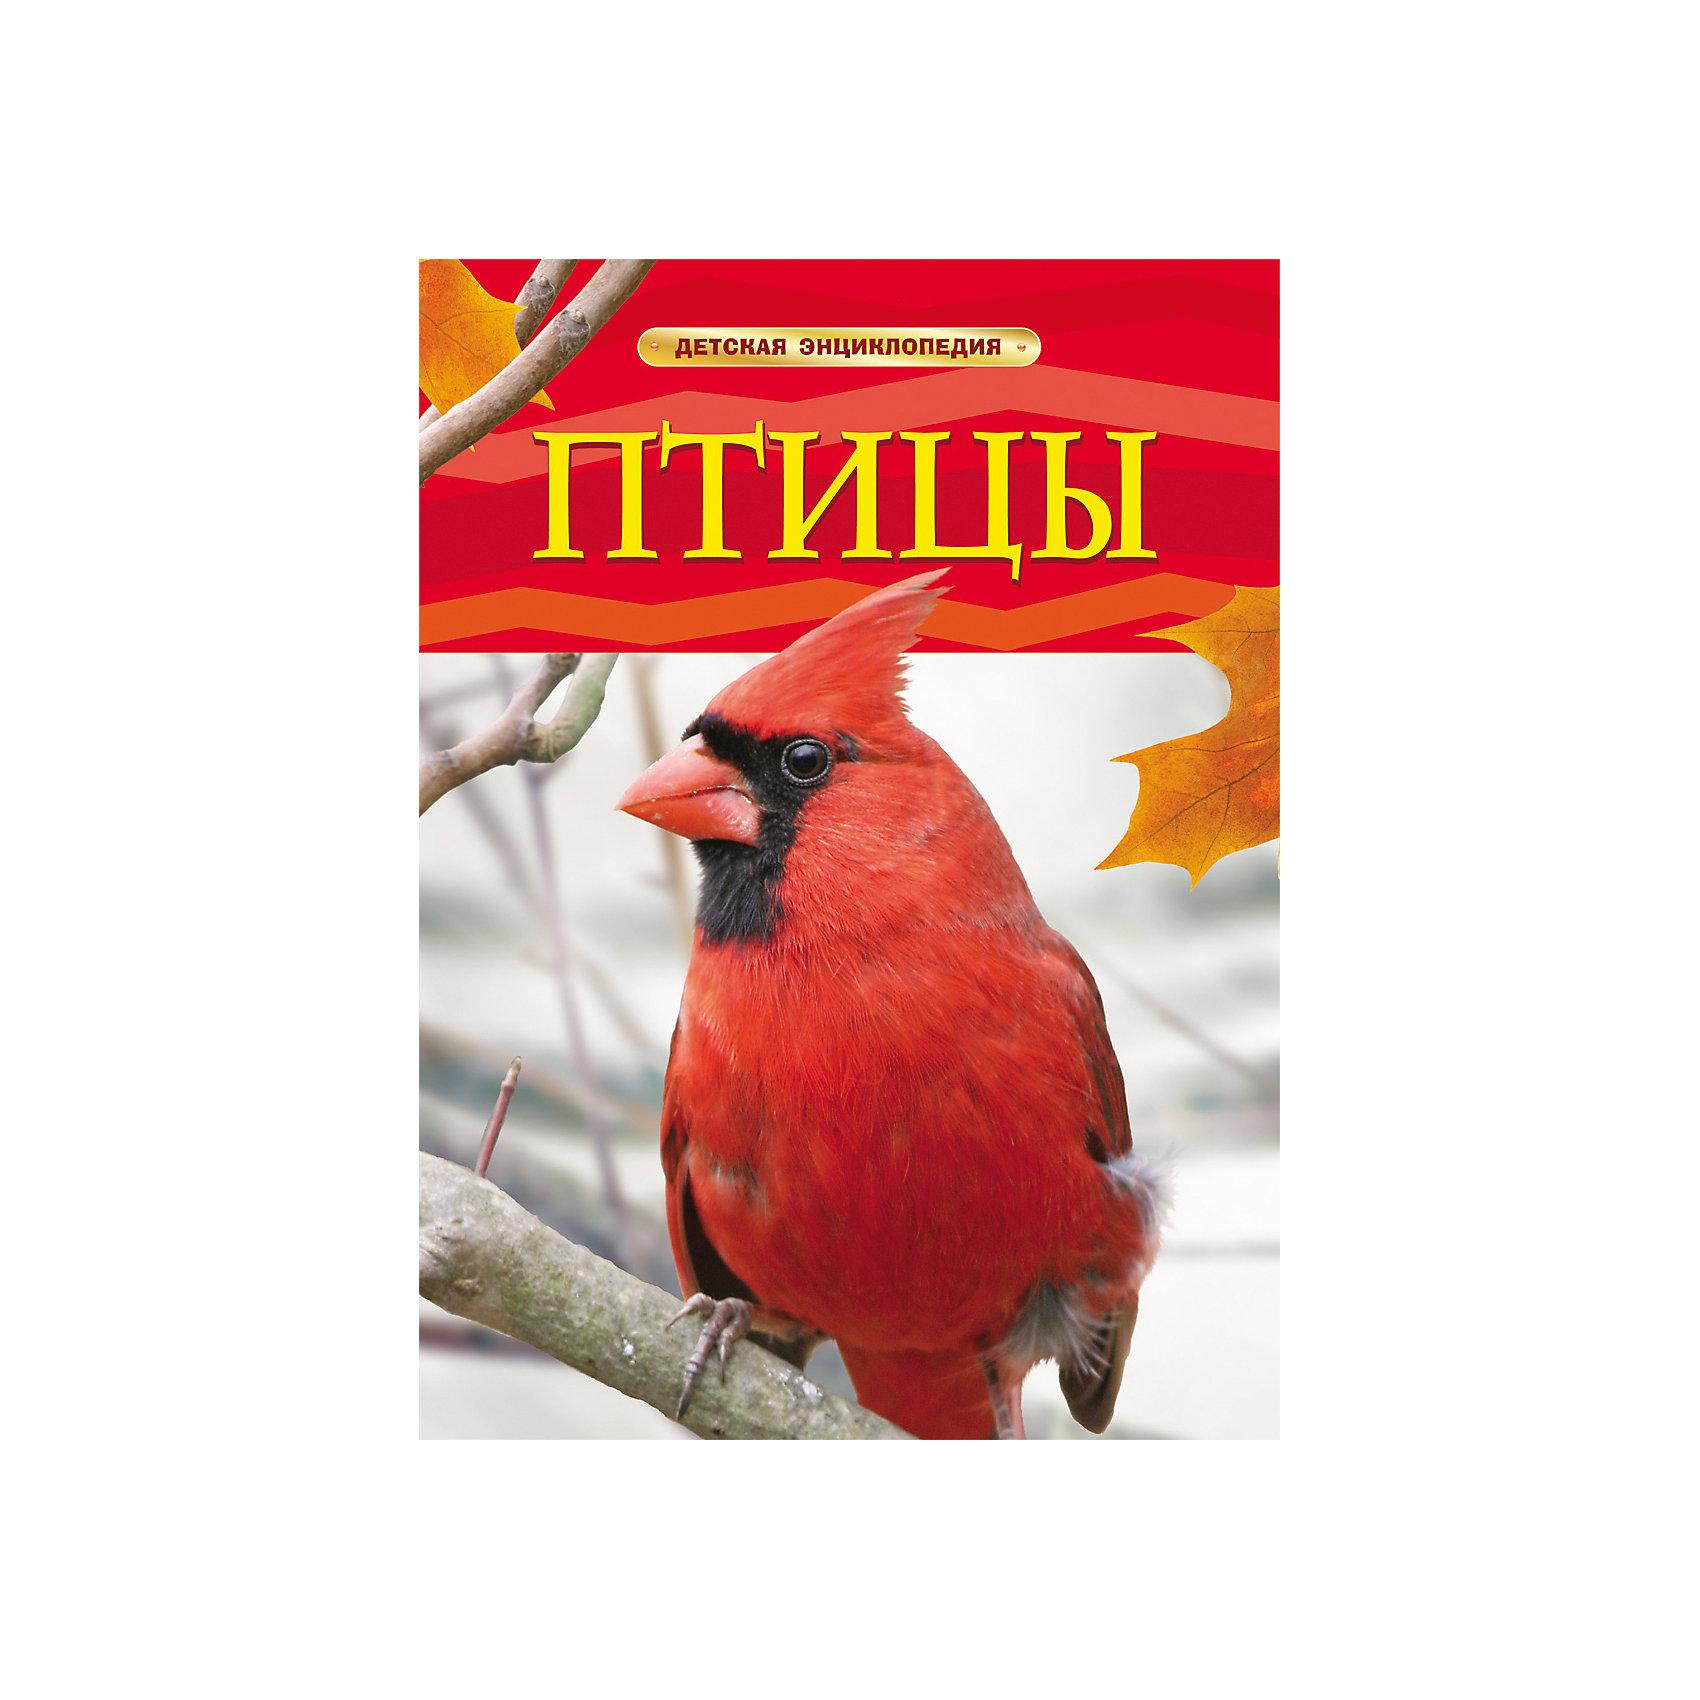 Росмэн Птицы, Детская энциклопедия росмэн энциклопедия птицы